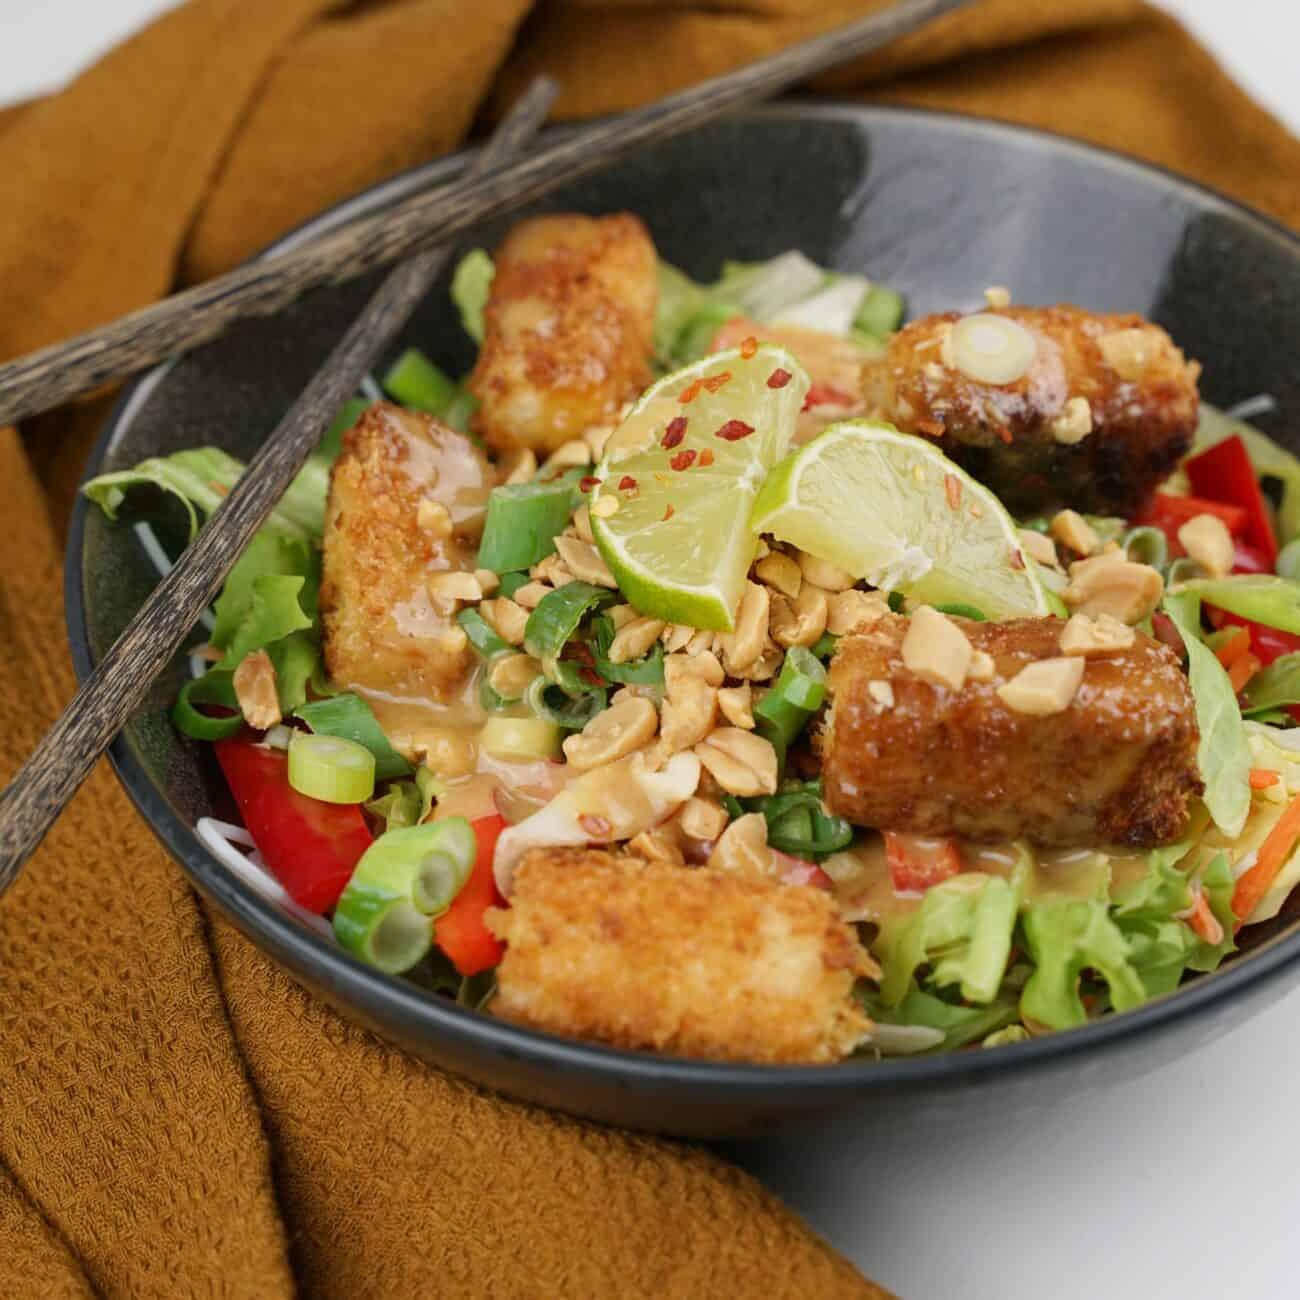 Thaisallad med risnudlar, krispig tofu och jordnötsdressing